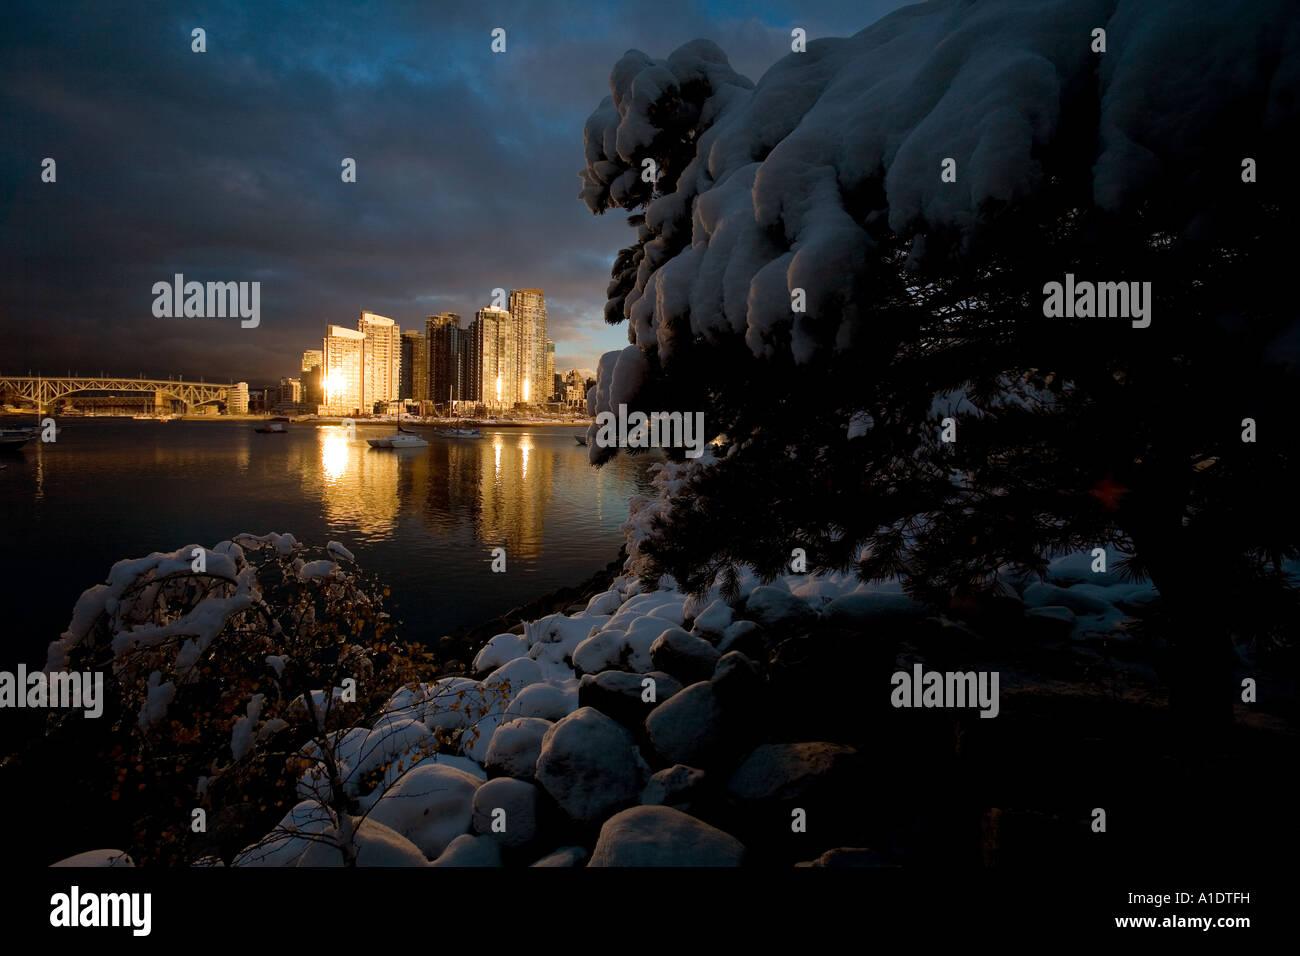 Tramonto su False Creek, Vancouver, British Columbia, Canada dopo giorni di registrare bufera di neve. 28 novembre Immagini Stock